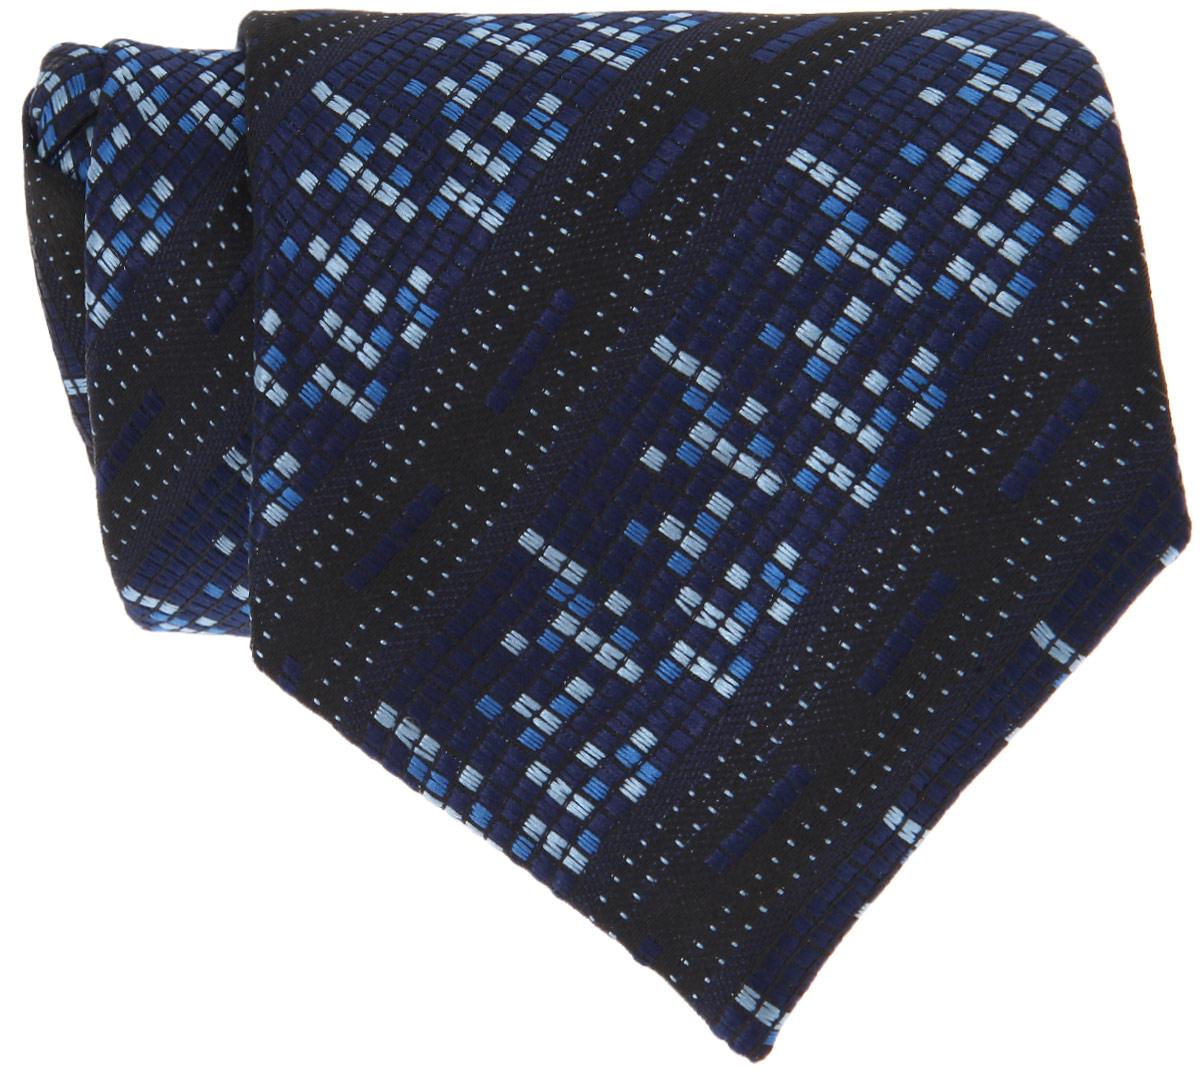 Галстук для мальчика. 103-05_De Color103-05_De ColorДлинный галстук для мальчика Tsarevich, выполненный из 100% полиэстера, идеально подойдет вашему юному моднику. Галстук дополнен резинкой с пластиковой защелкой. Длина резинки регулируется. Оформлено изделие оригинальным принтом. Такой стильный аксессуар является оптимальным завершением образа.